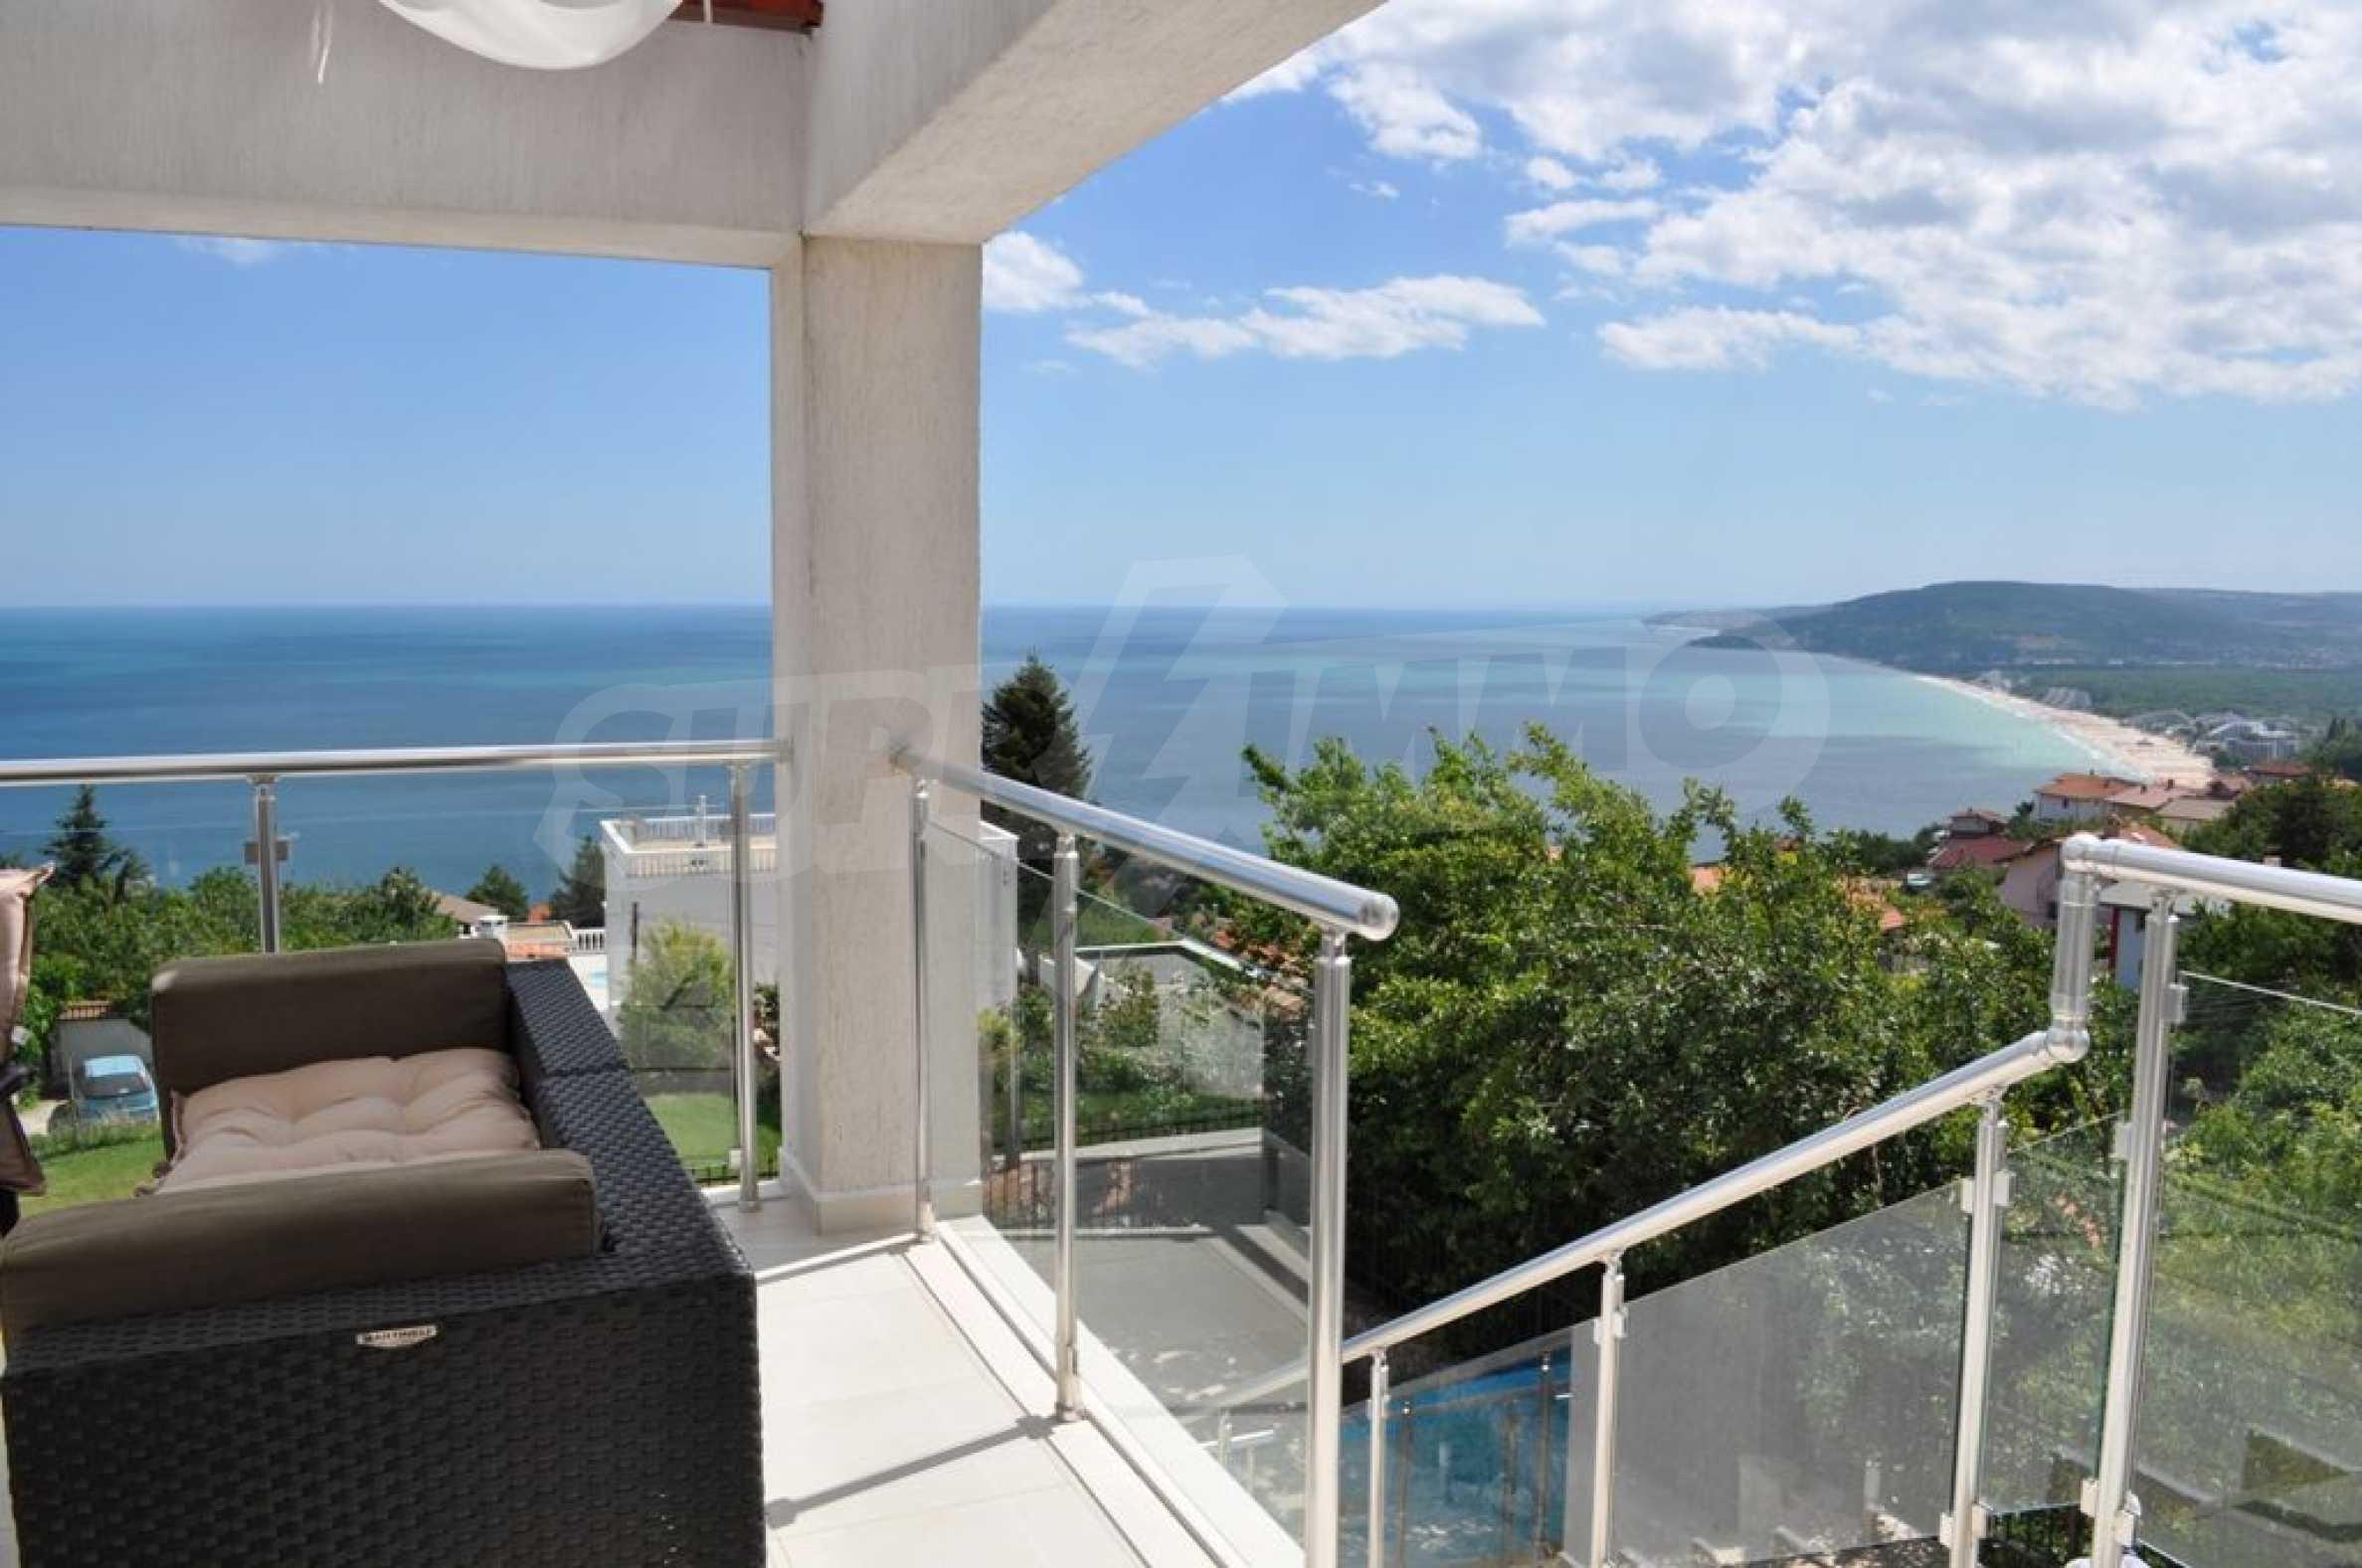 Luxusvilla mit 4 Schlafzimmern zu vermieten in der Nähe des Resorts. Albena 23